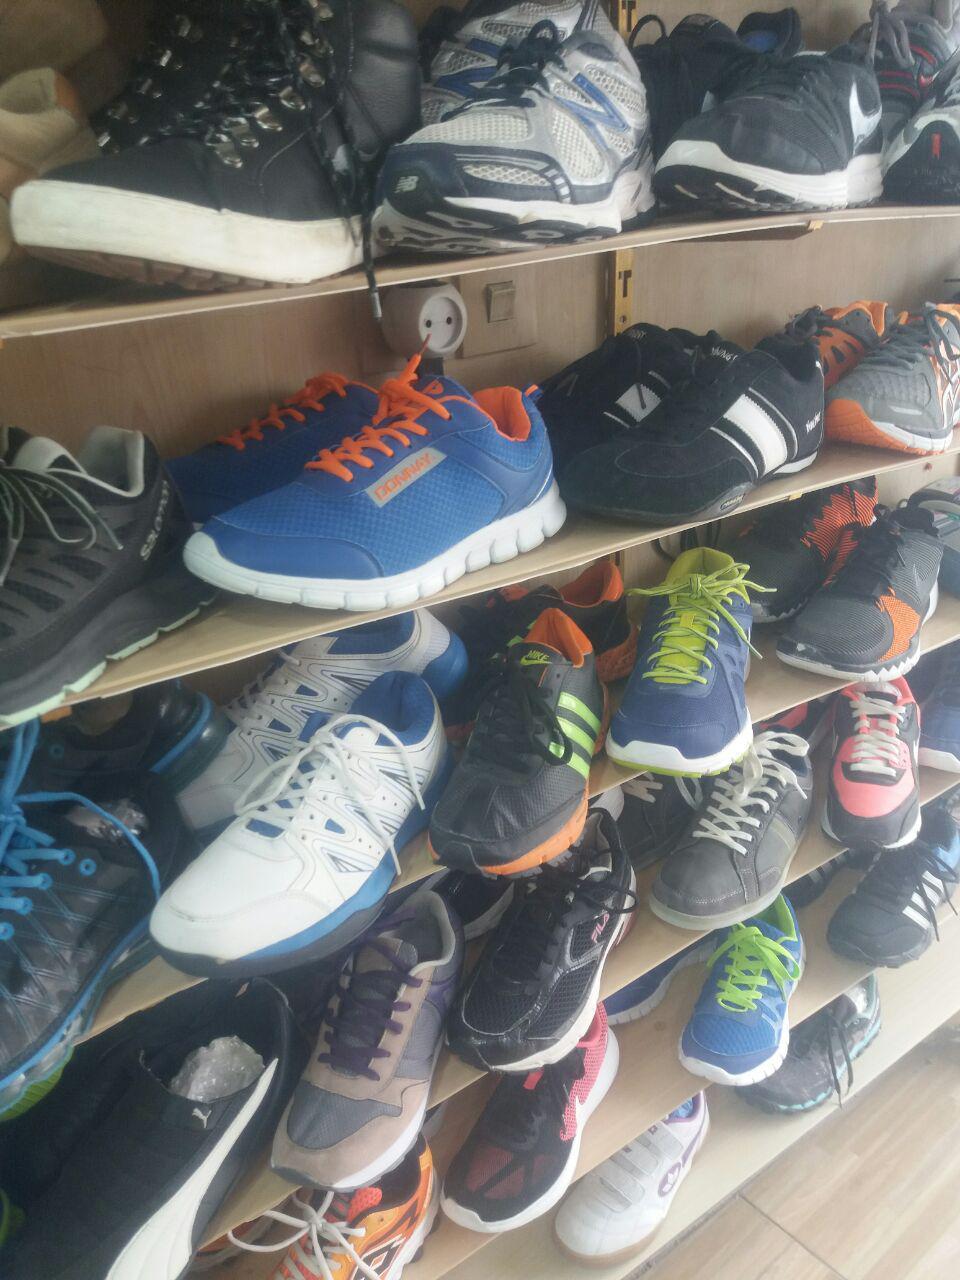 فروش انواع کفش به صورت عمده